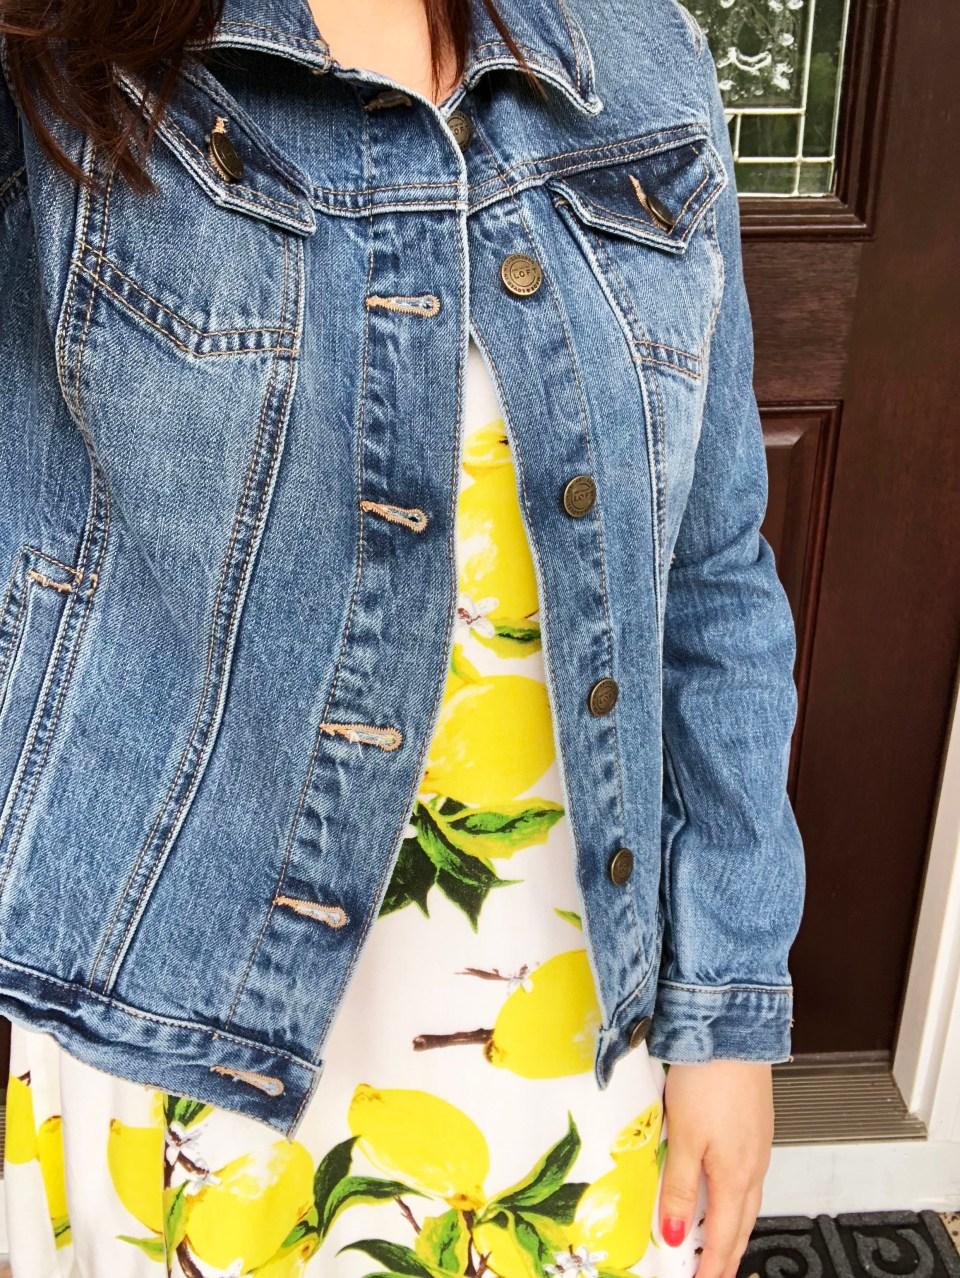 Lemon Print Dress + Denim Jacket 8